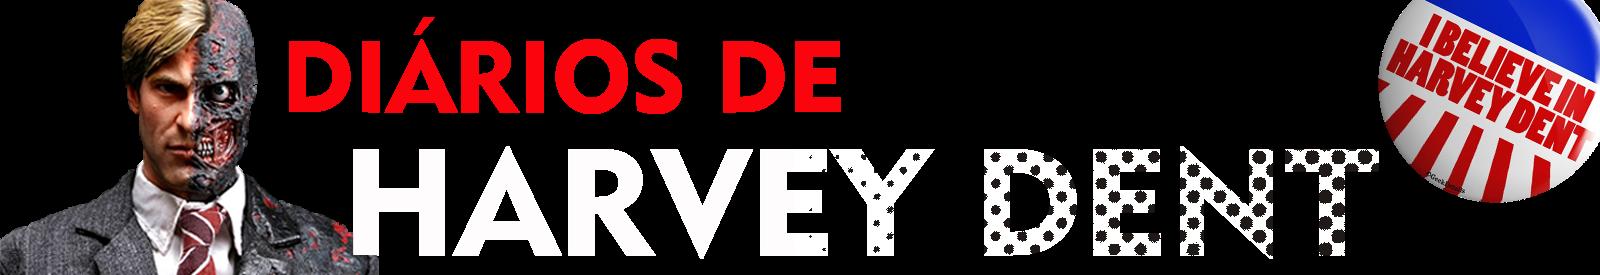 Diários de Harvey Dent